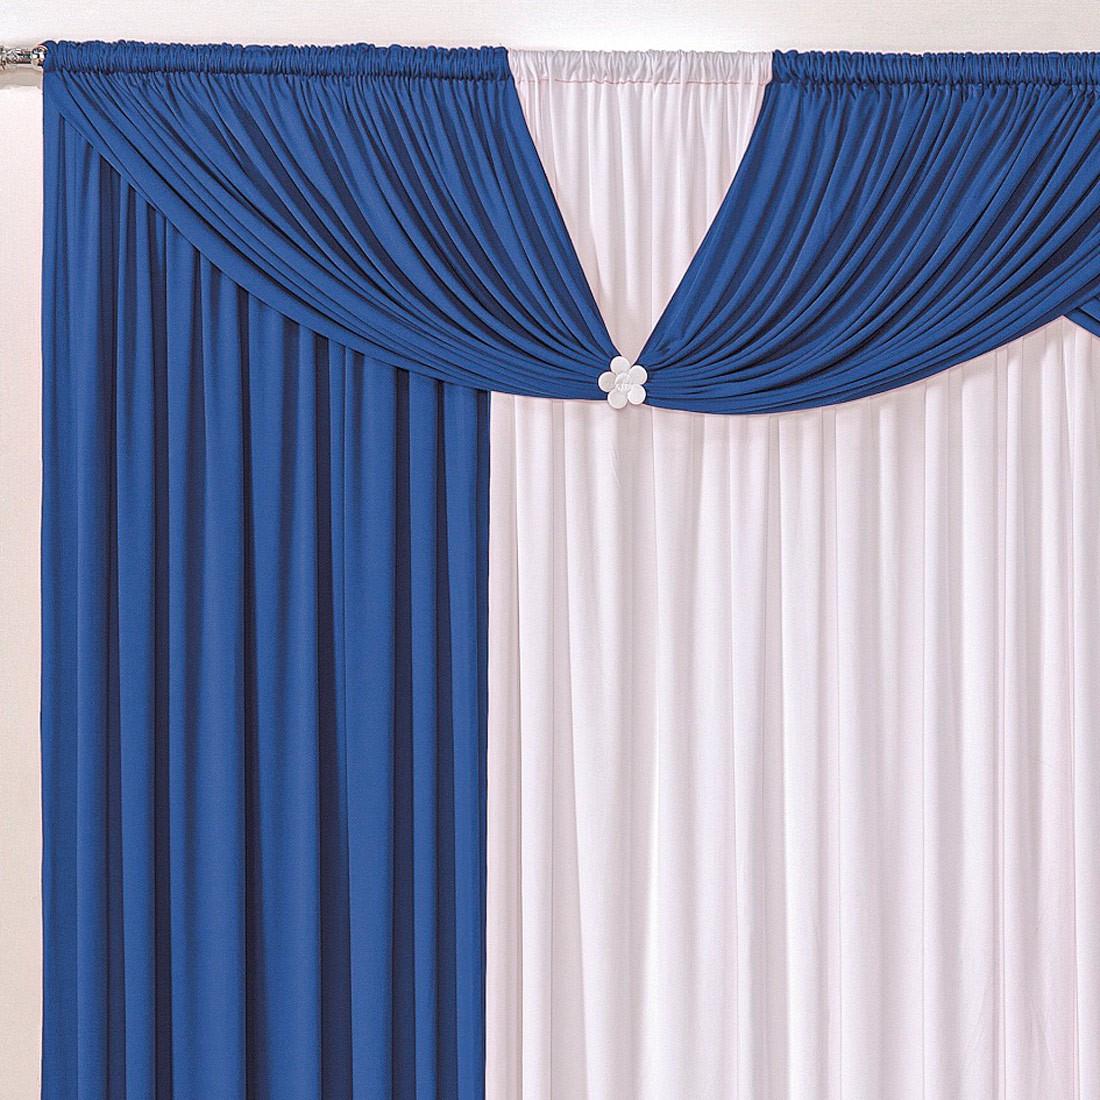 Cortina Londrina Azul/Branco 3,00m X 2,60m p/ Varão Simples